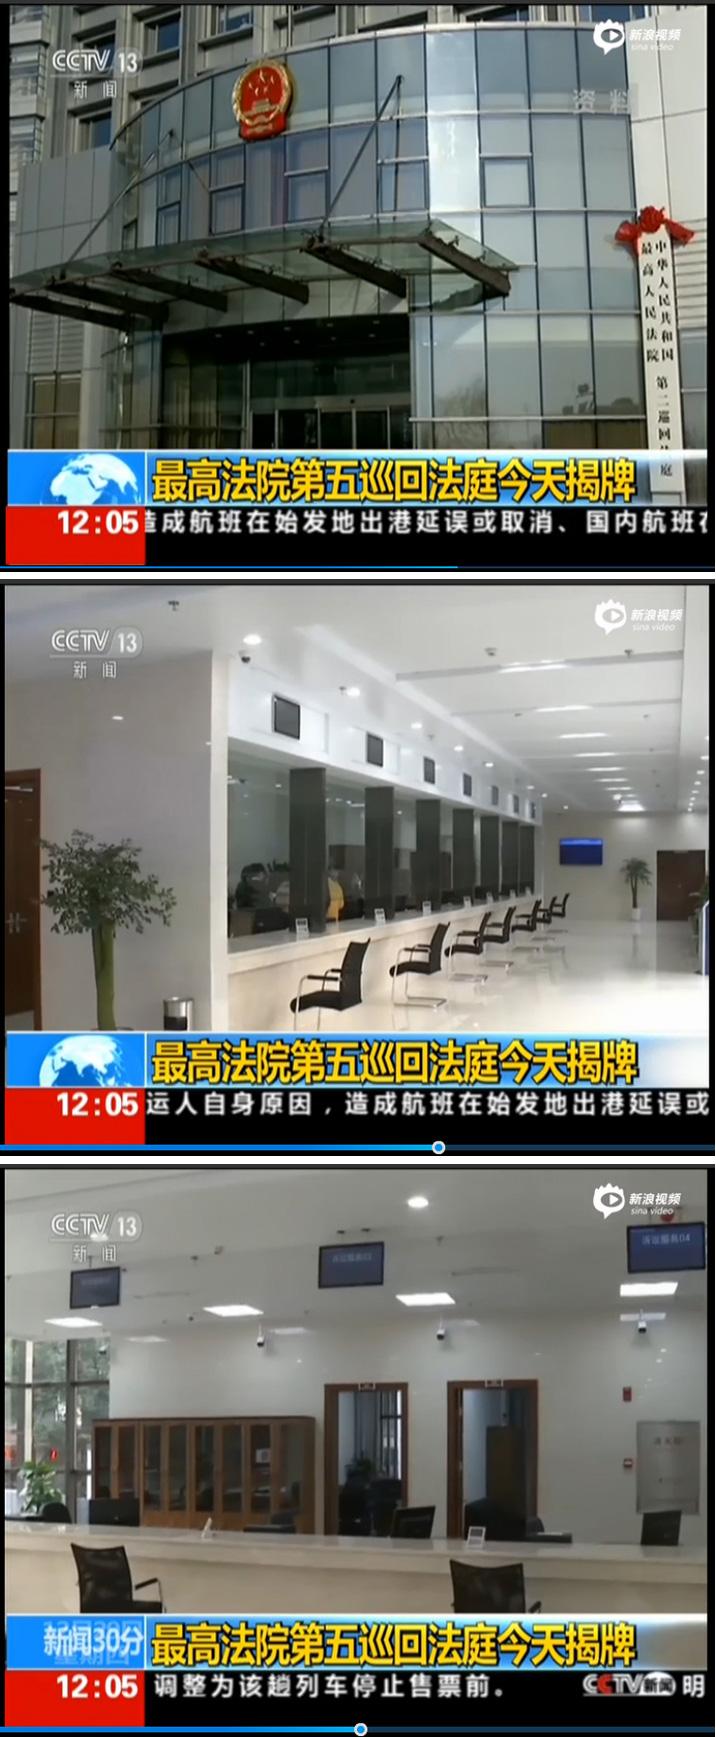 媒体报道最高人民法院重庆第五巡回法庭应用来邦排队机产品视频截图